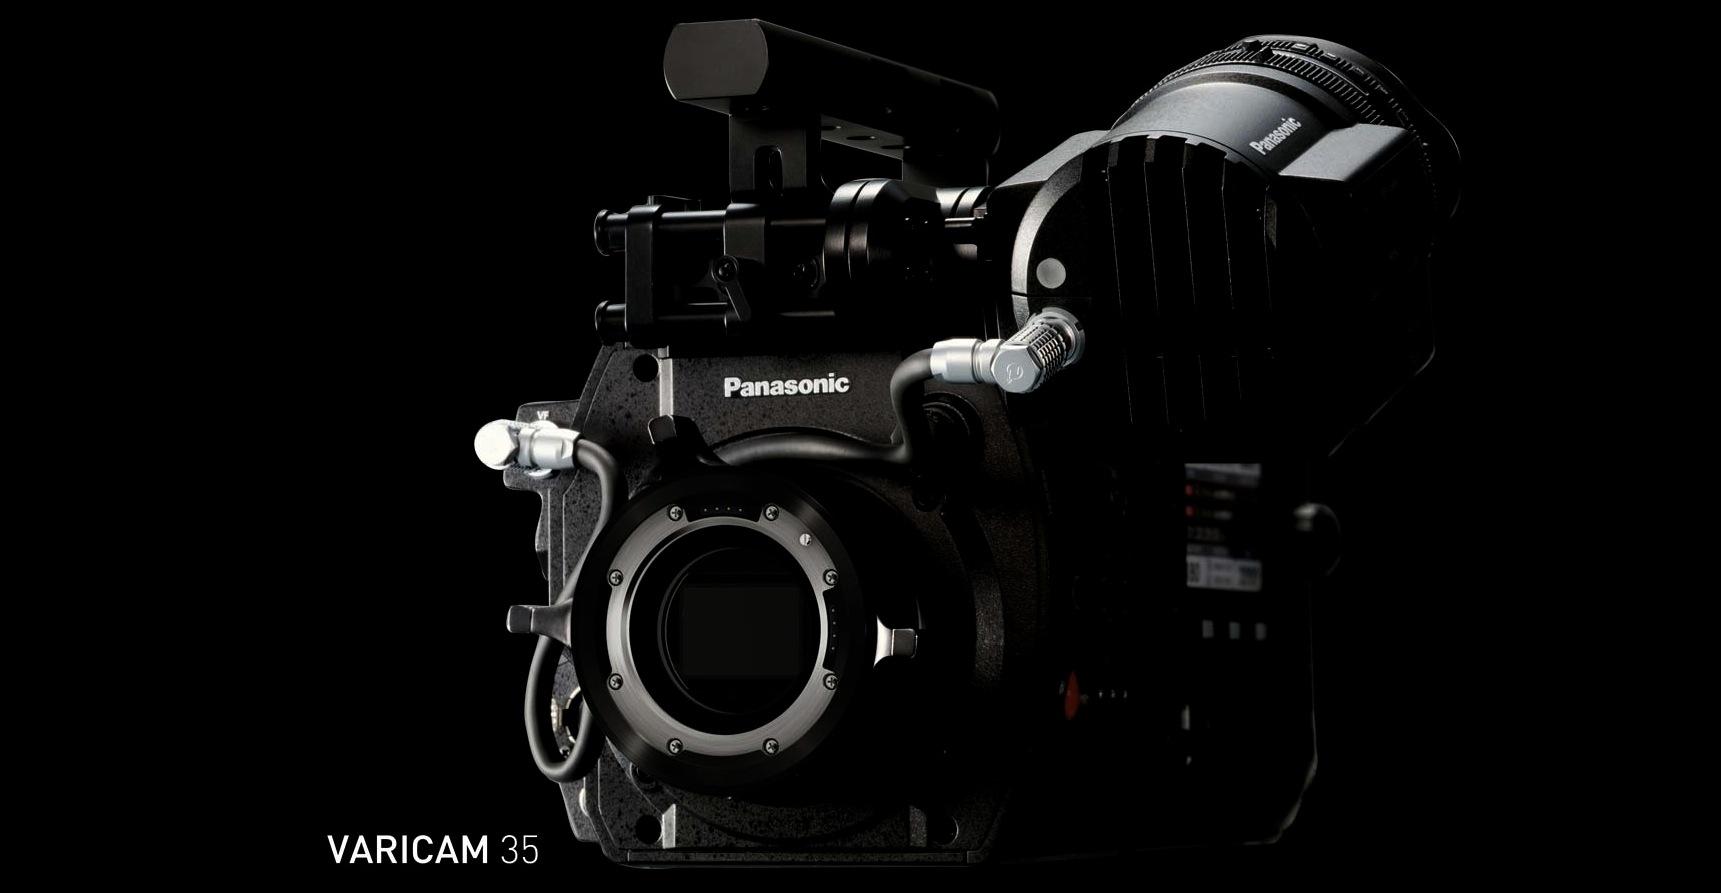 Panasonic VariCam 35